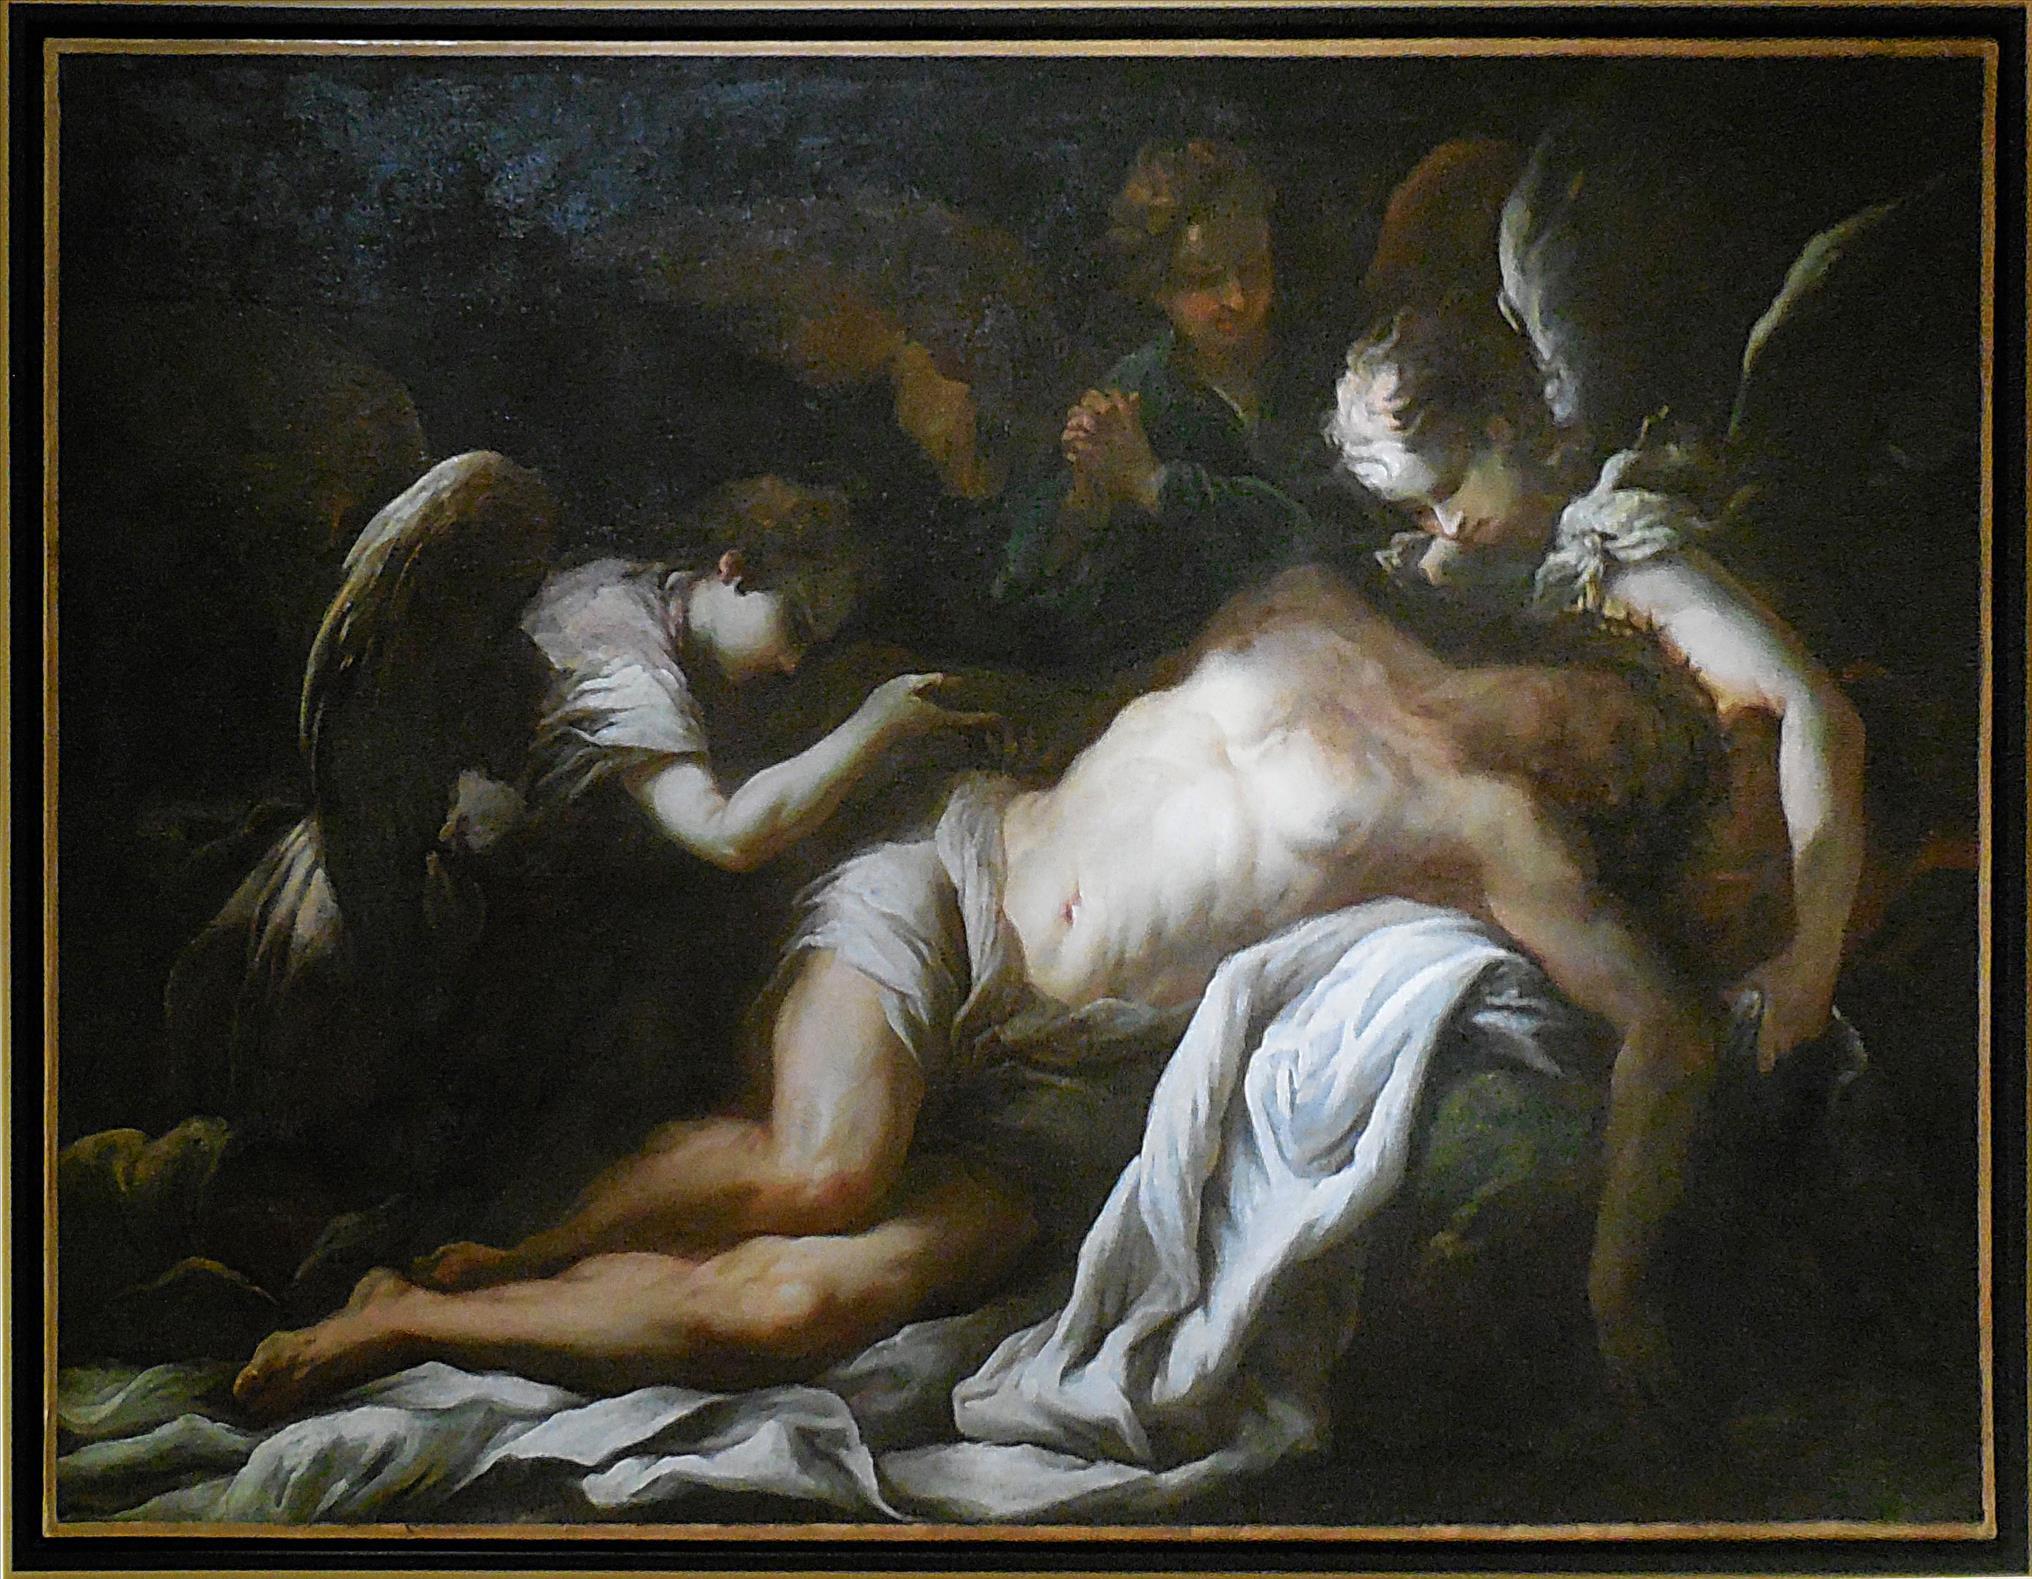 Ricchi Pietro, Le Christ mort déploré par 3 anges, vers 1650 / MUDO